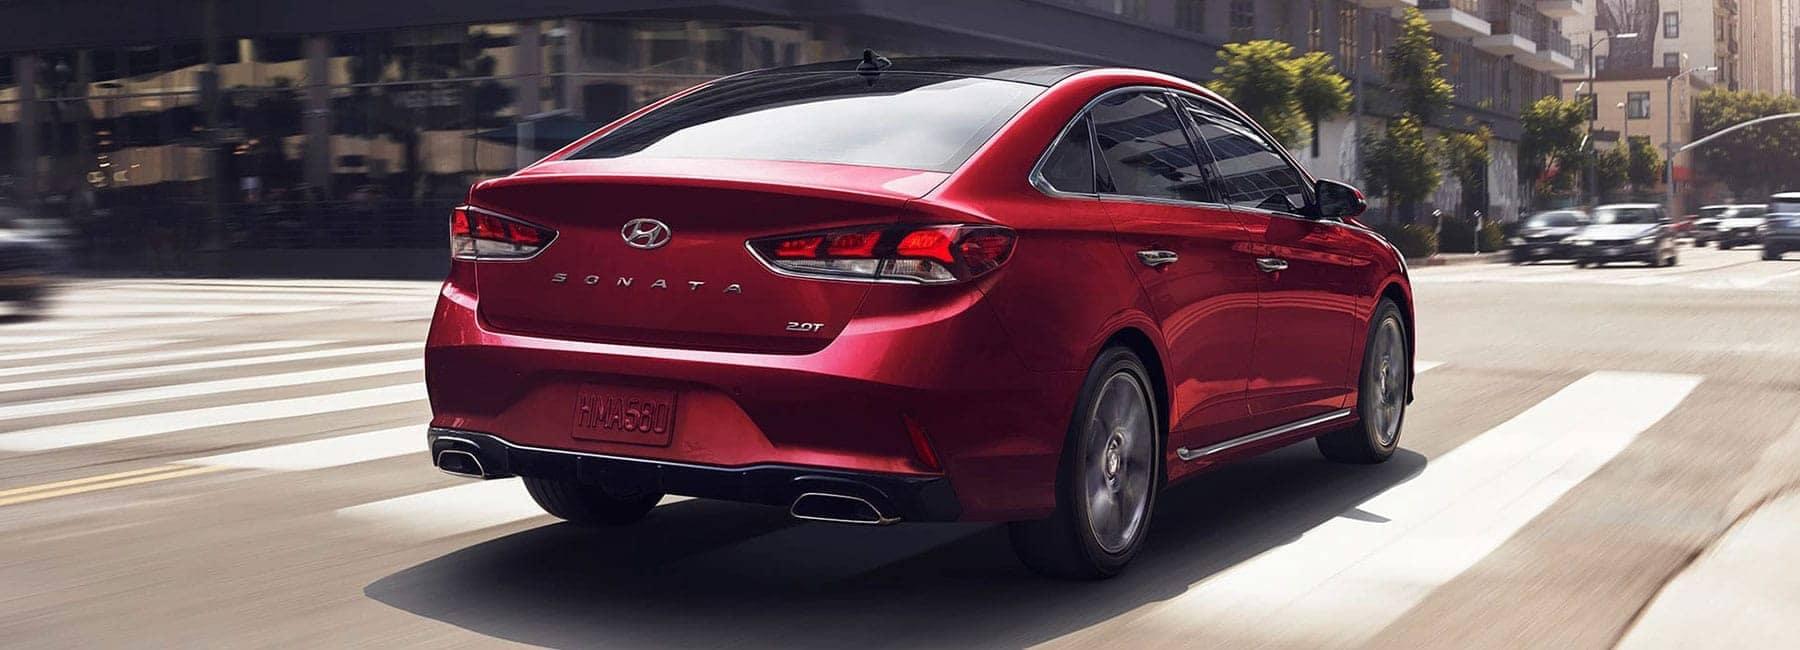 Red 2019 Hyundai Sonata driving down a city street